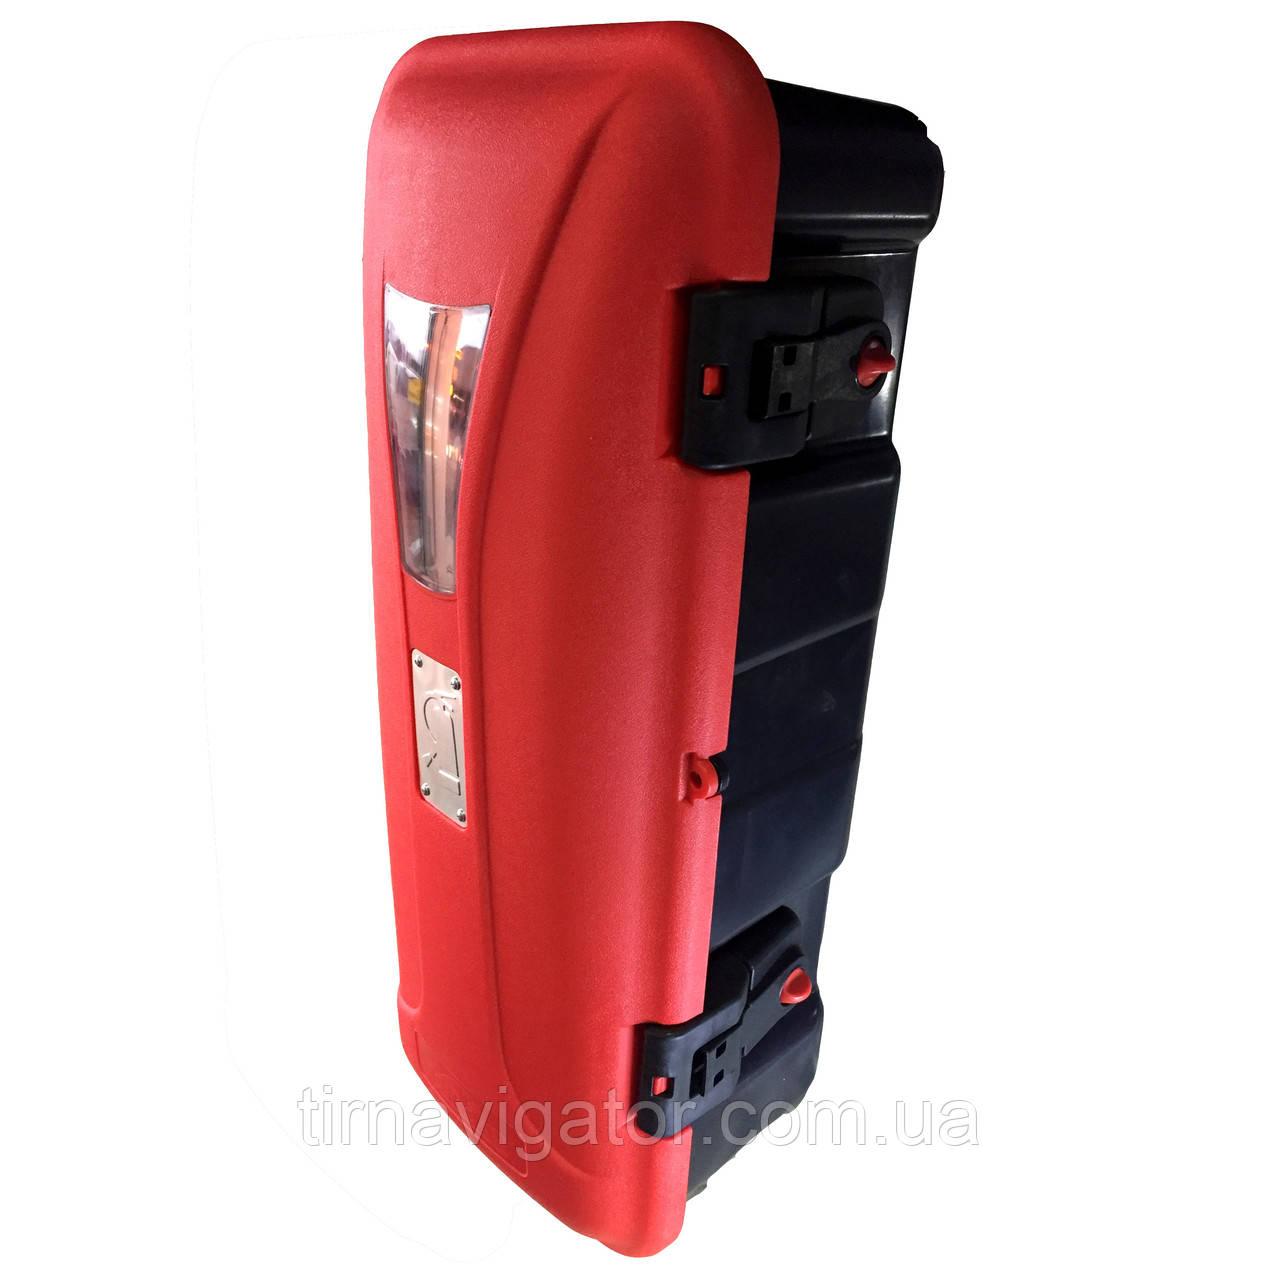 Ящик вогнегасника 6кг ISIKSAN (680х270х250, червоно-чорний)